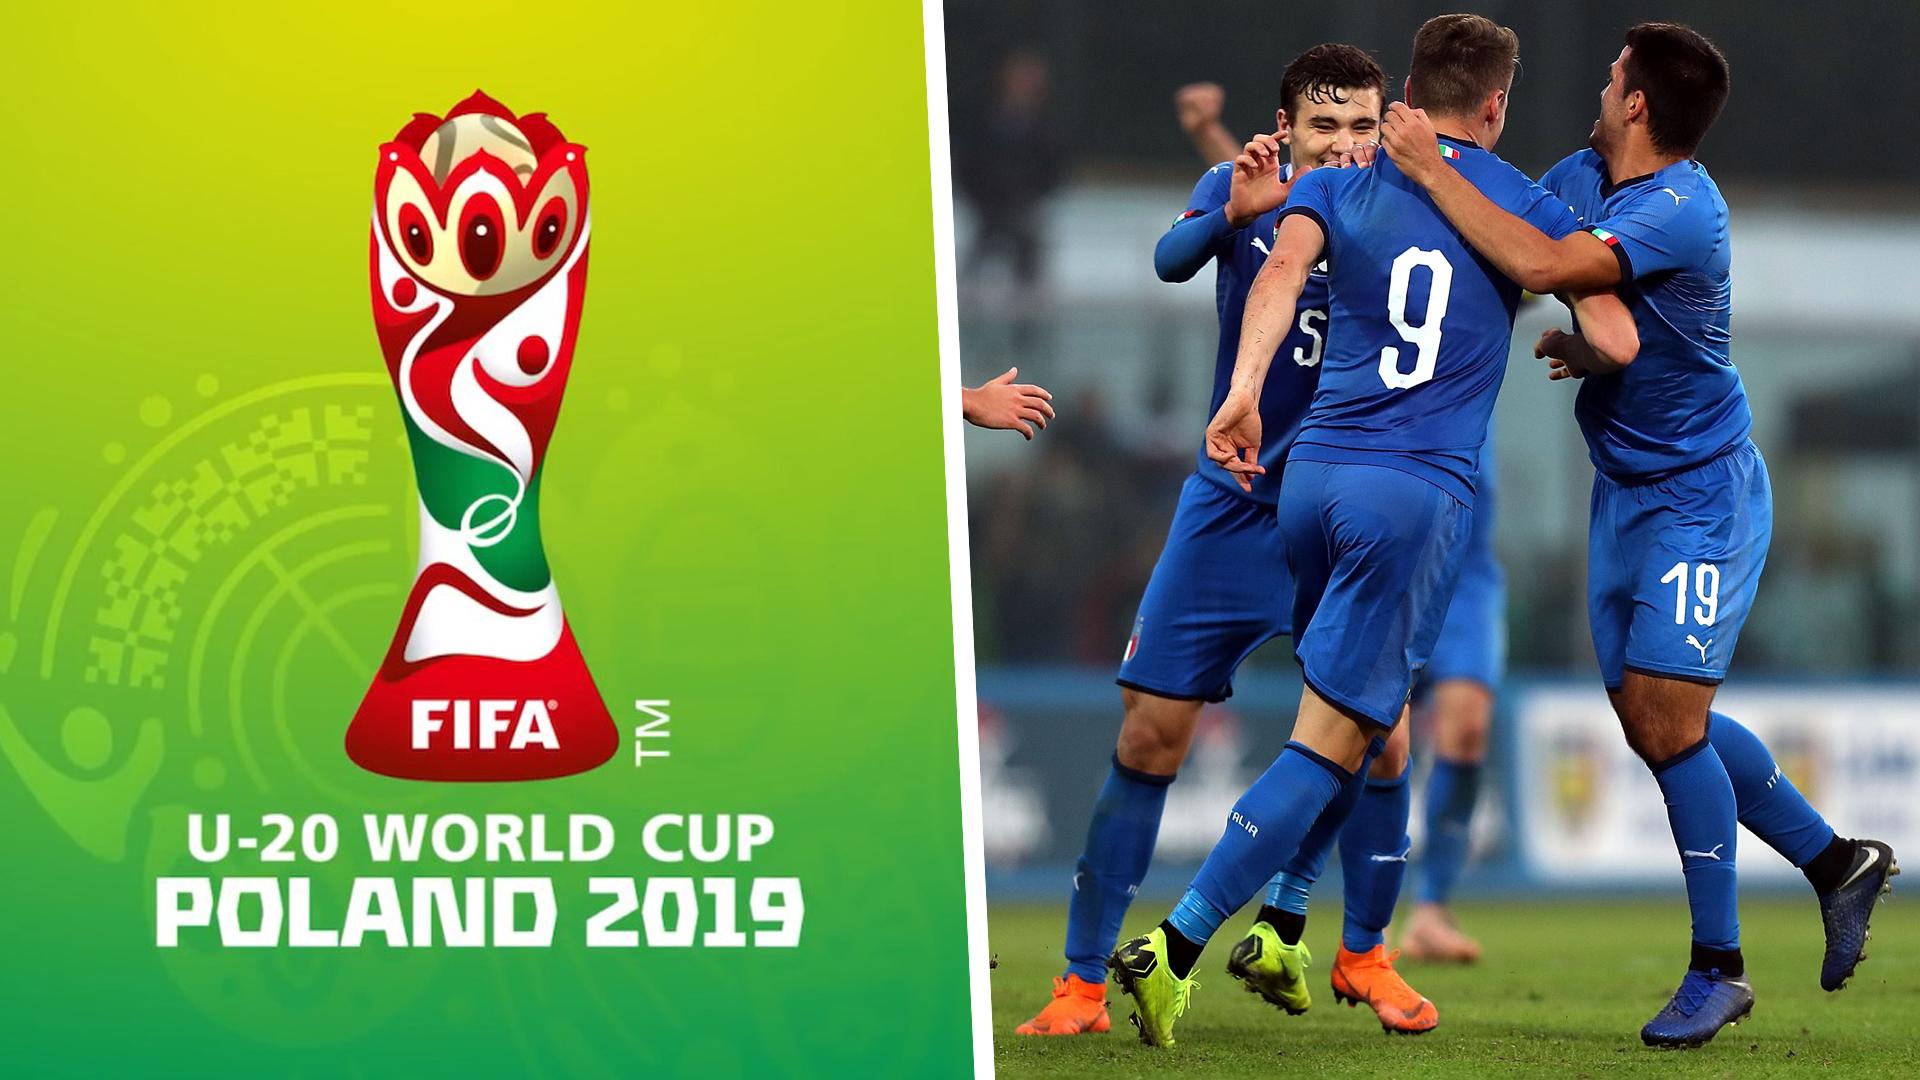 Calendario Campionato Portoghese.Mondiali Under 20 2019 Tabellone Calendario Risultati E